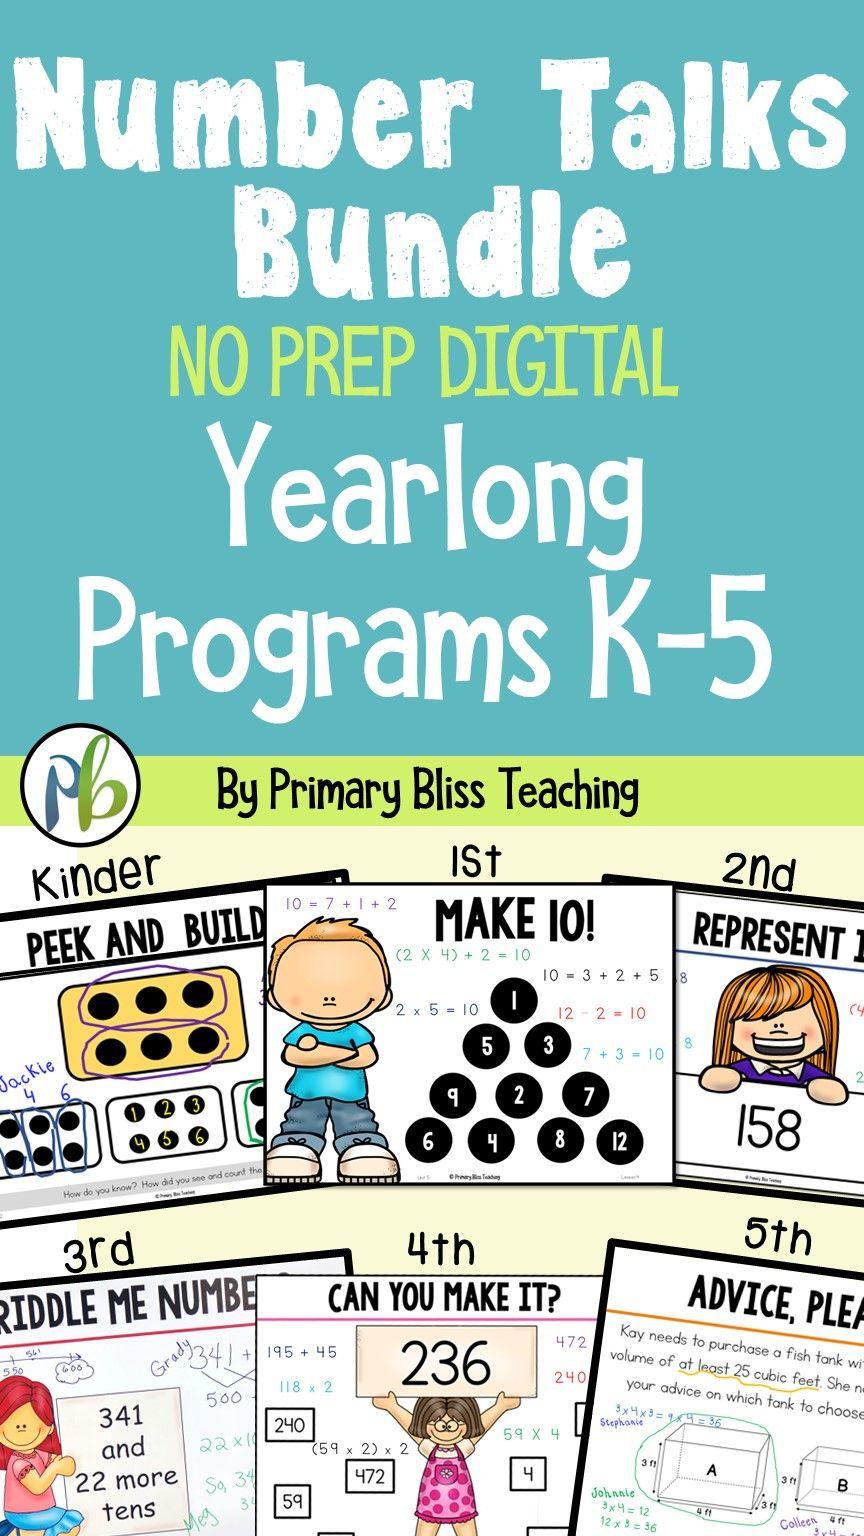 Number Talks BUNDLE (K-5 Yearlong Programs) DIGITAL & Printable ...